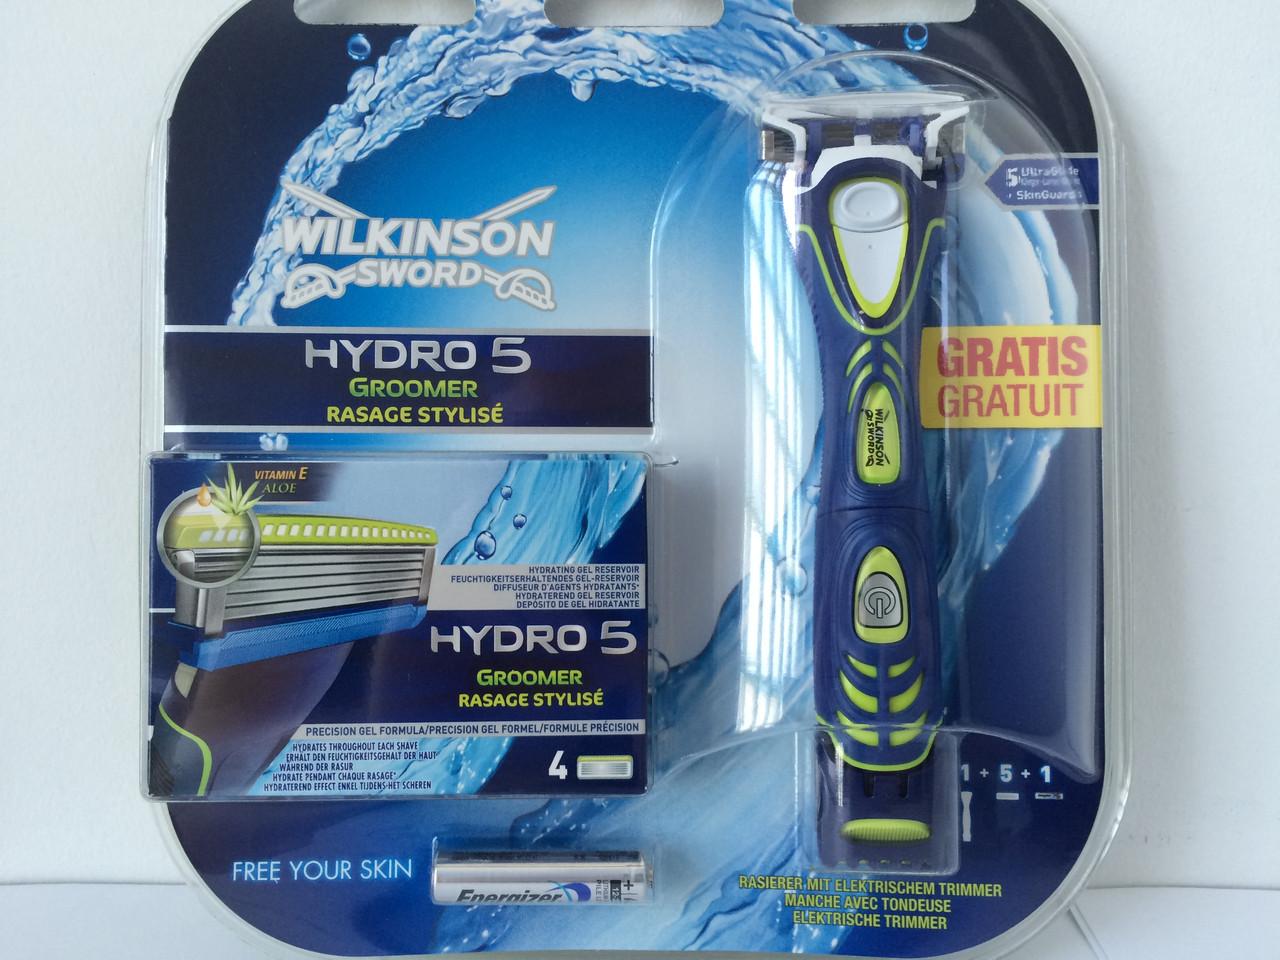 Набір для гоління чоловічий Wilkinson Sword Hydro 5 Groomer (Шик Вілкінсон Грумер тример + 5 картриджів) Німеччина